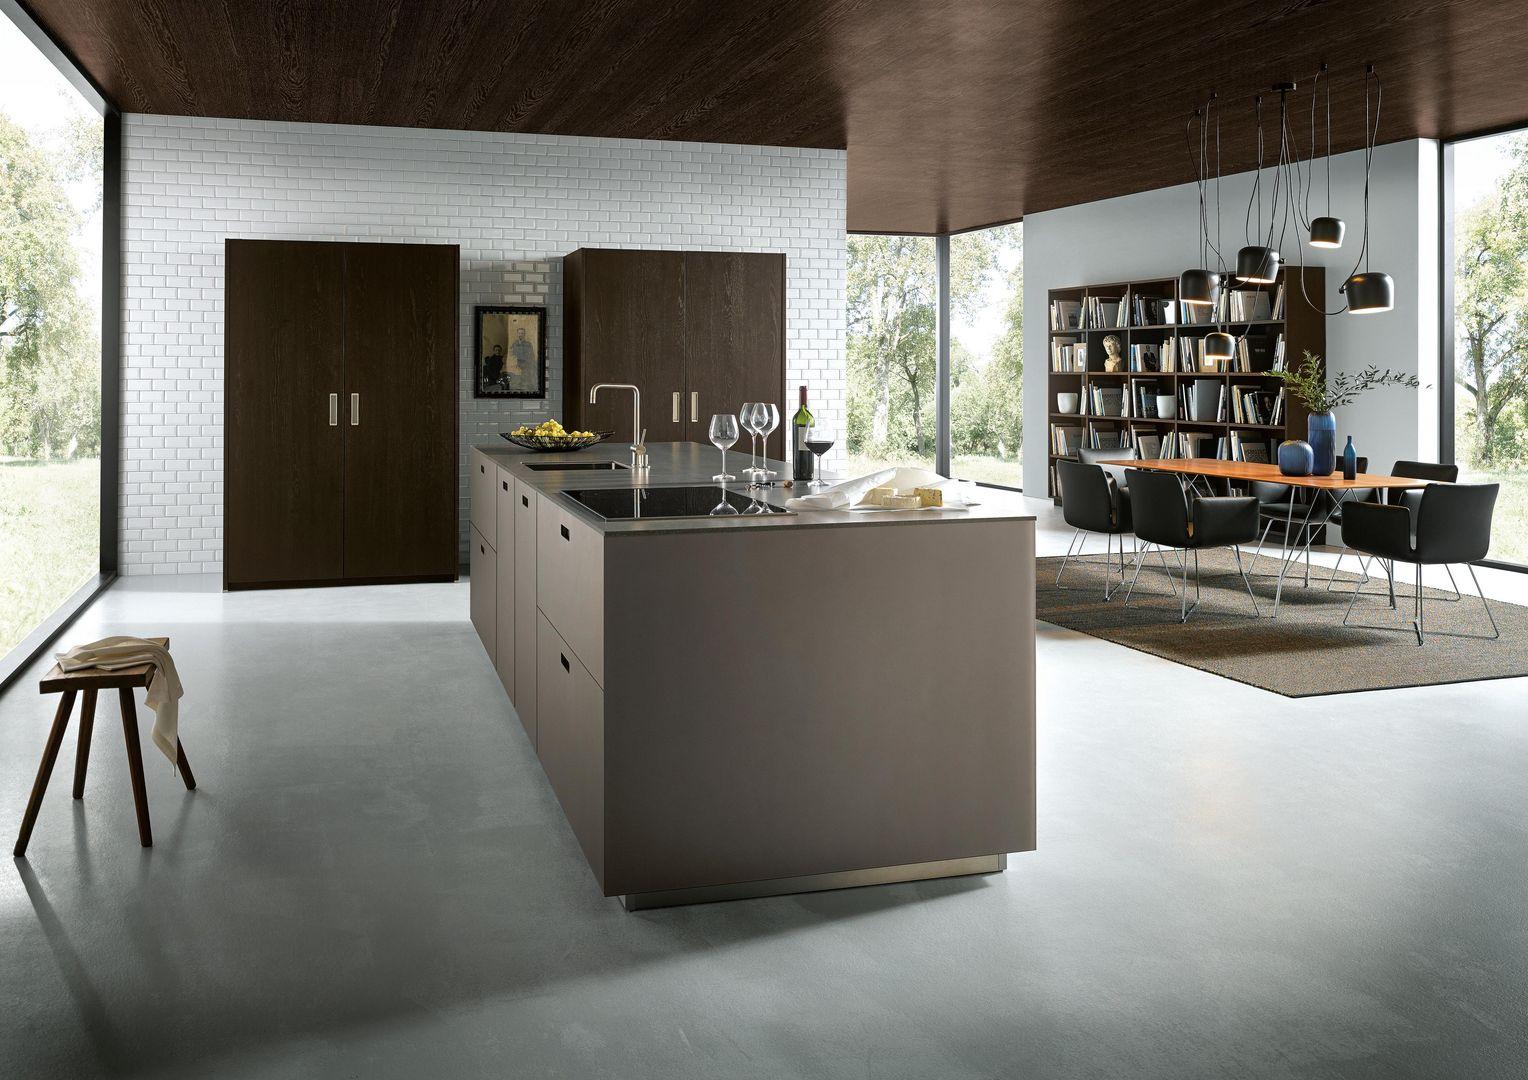 kubische formen in der k che next125 designk chen. Black Bedroom Furniture Sets. Home Design Ideas